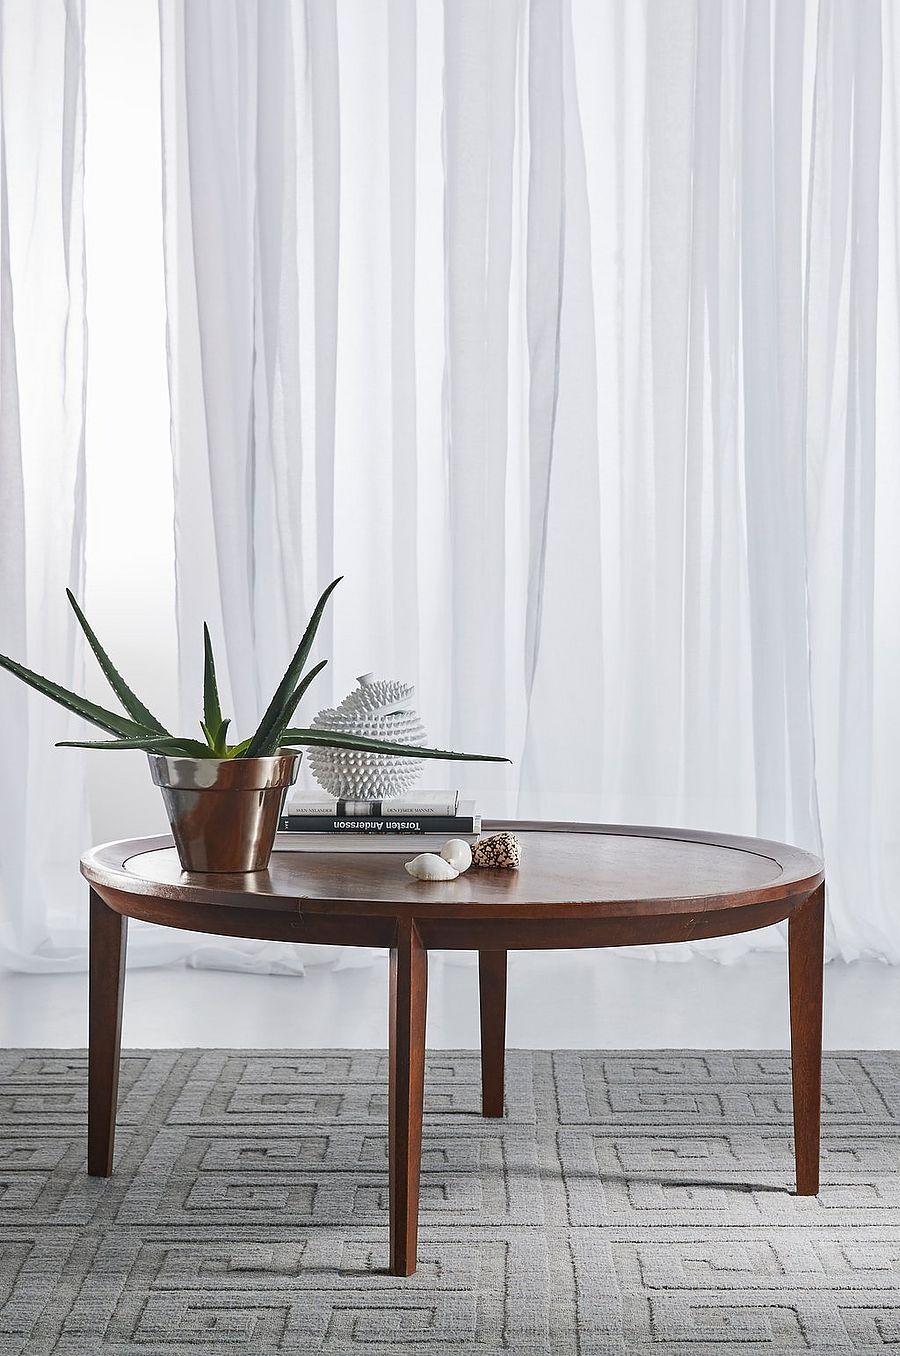 MYRVIKEN bord o 100 cm Va rda ghsru m Bord trä, Soffbord runt trä och Soffbord